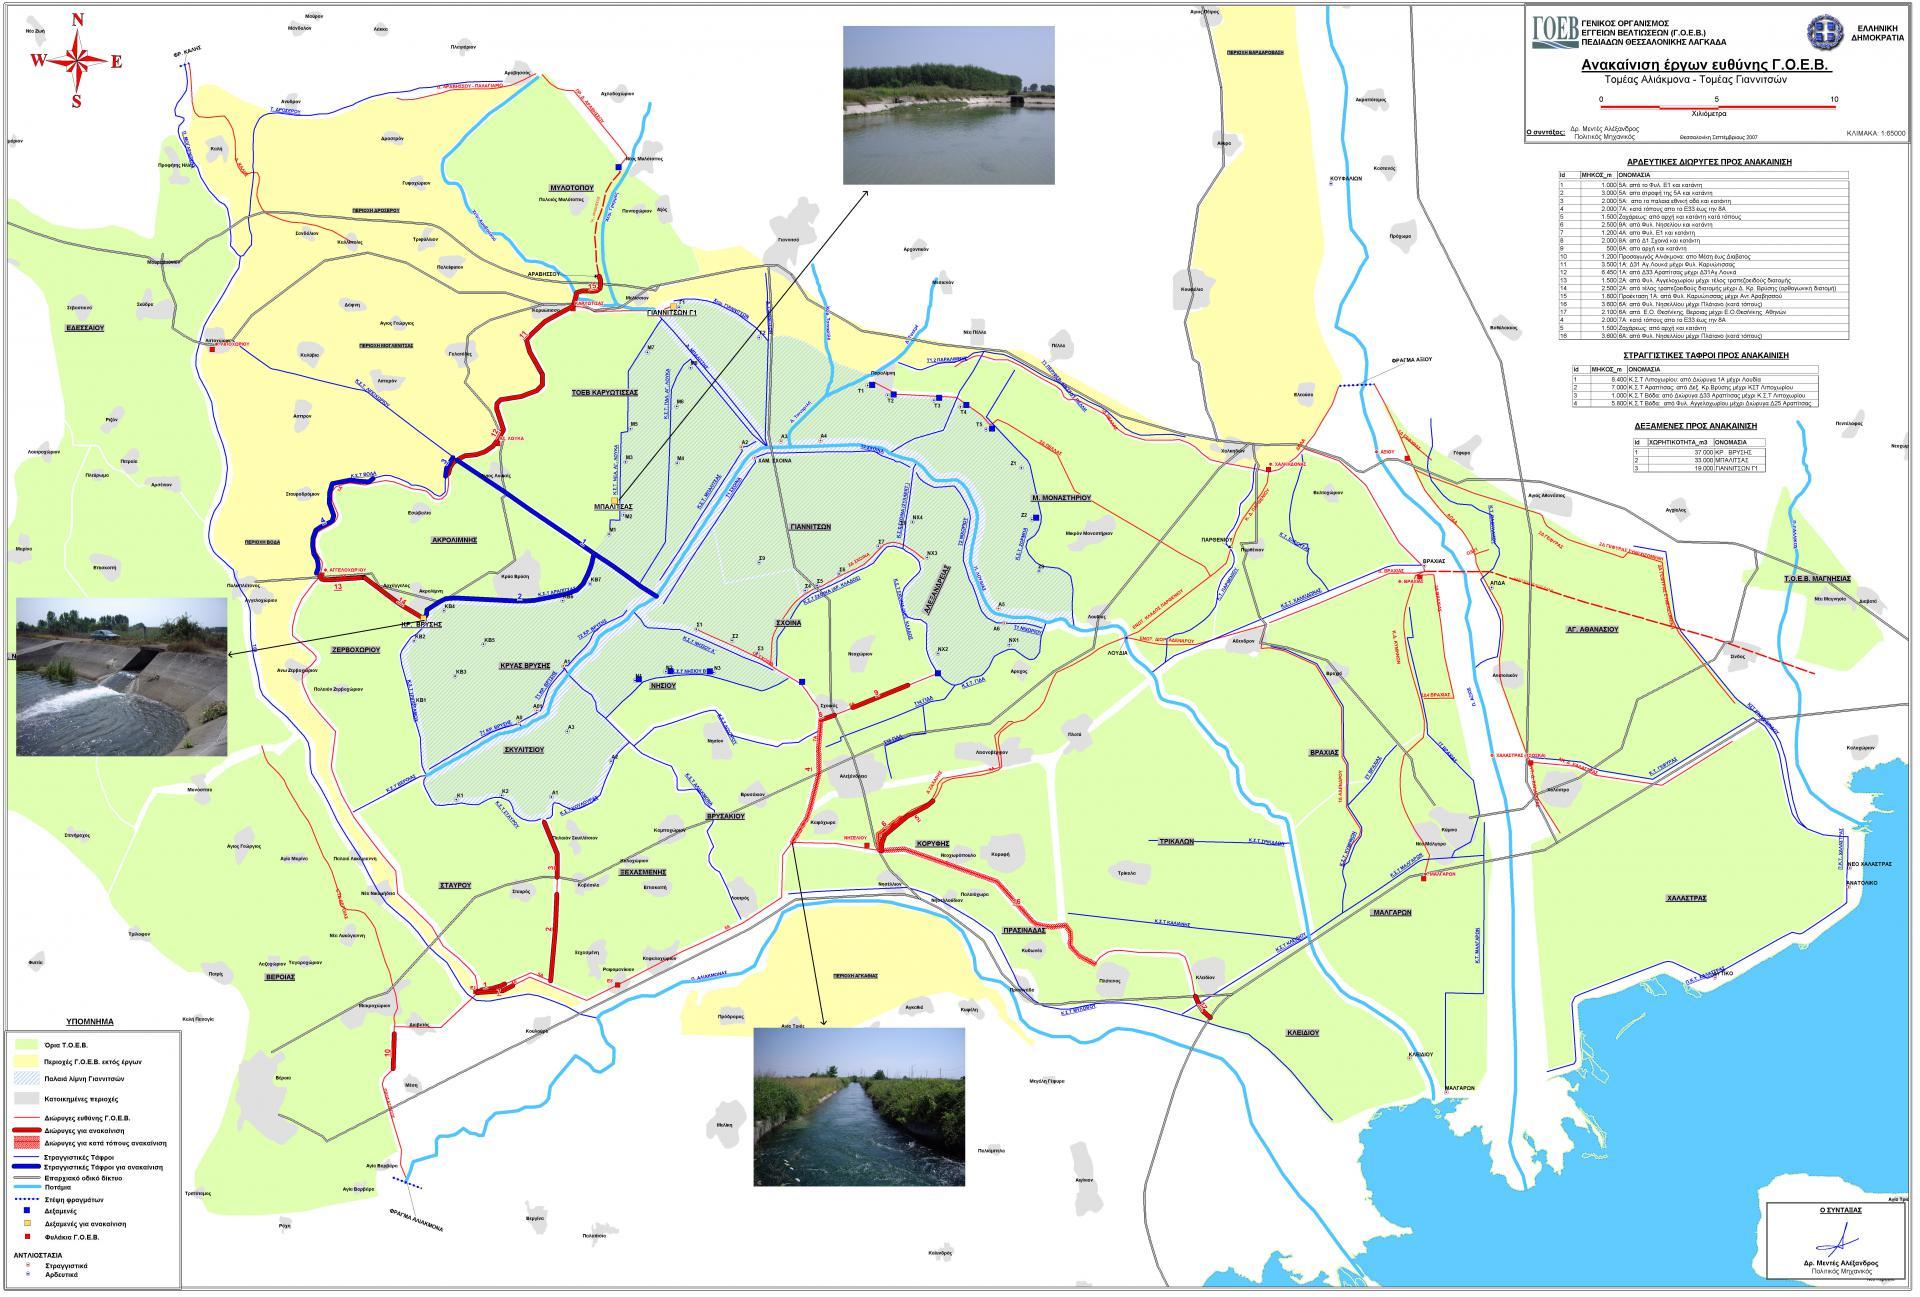 Χάρτης Έργων ΓΟΕΒ Πεδιάδας Θεσσαλονίκης - Λαγκαδά